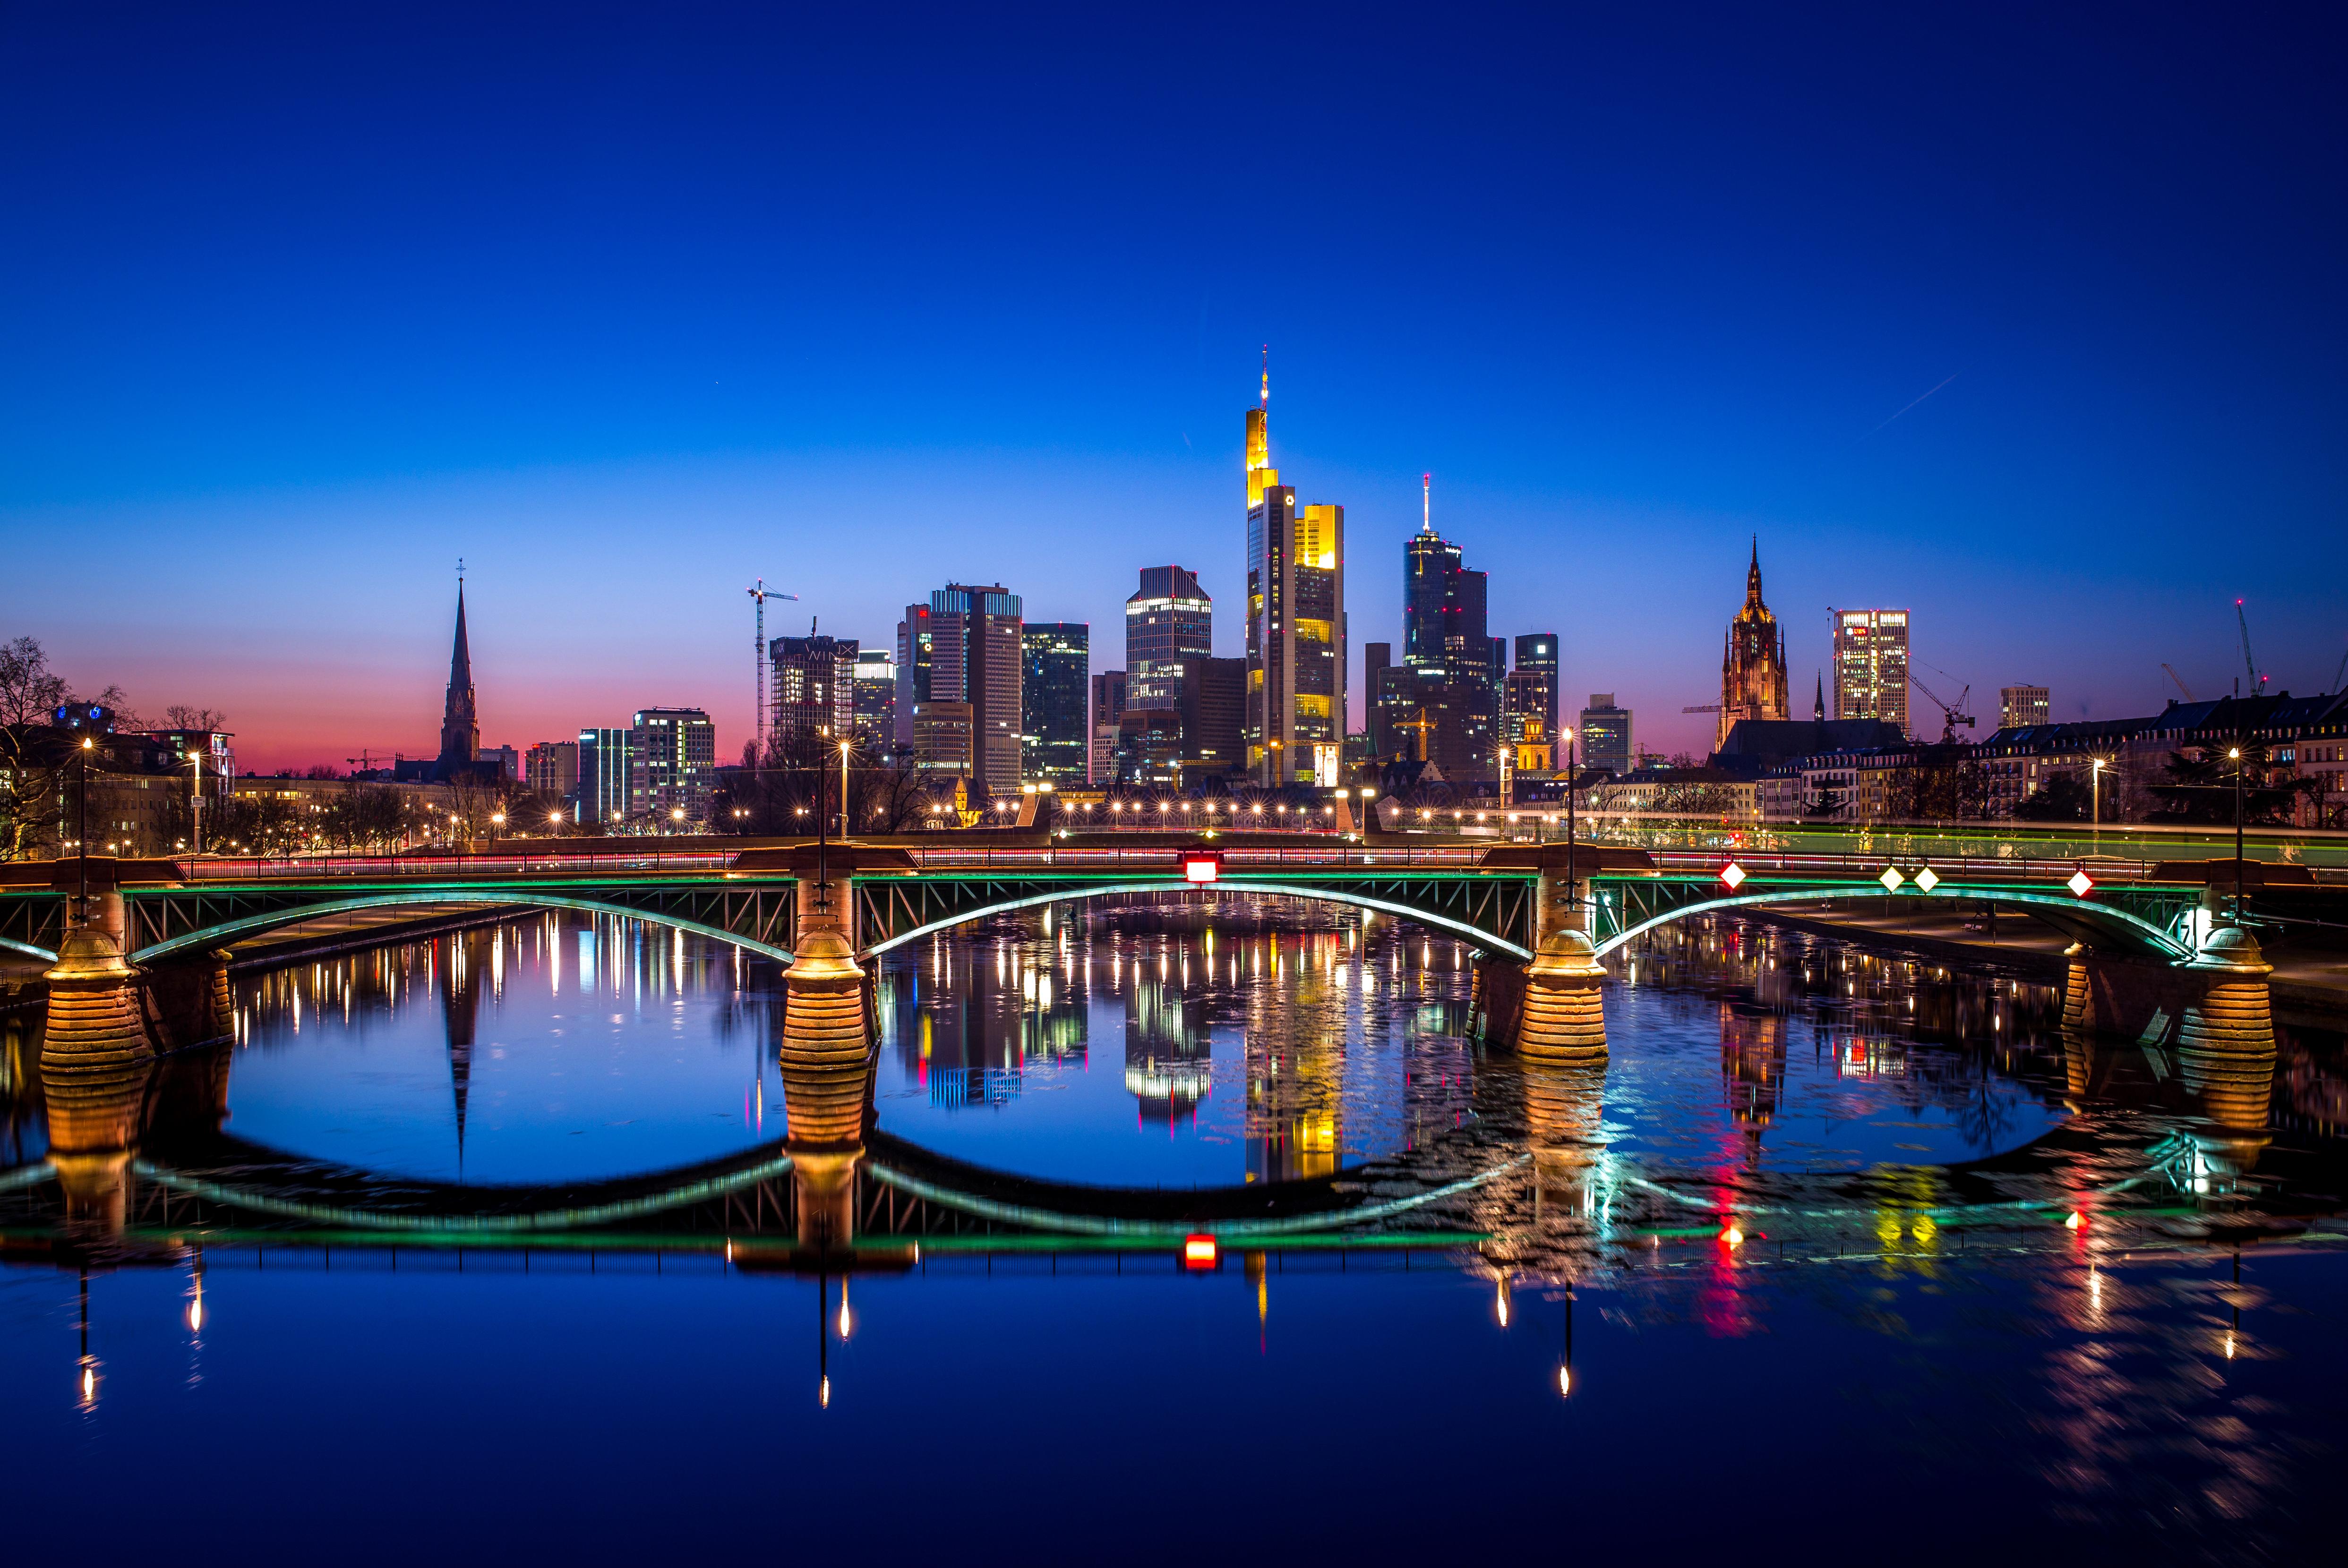 страны архитектура вечер город Франкфурт-на-Майне Германия  № 155509  скачать